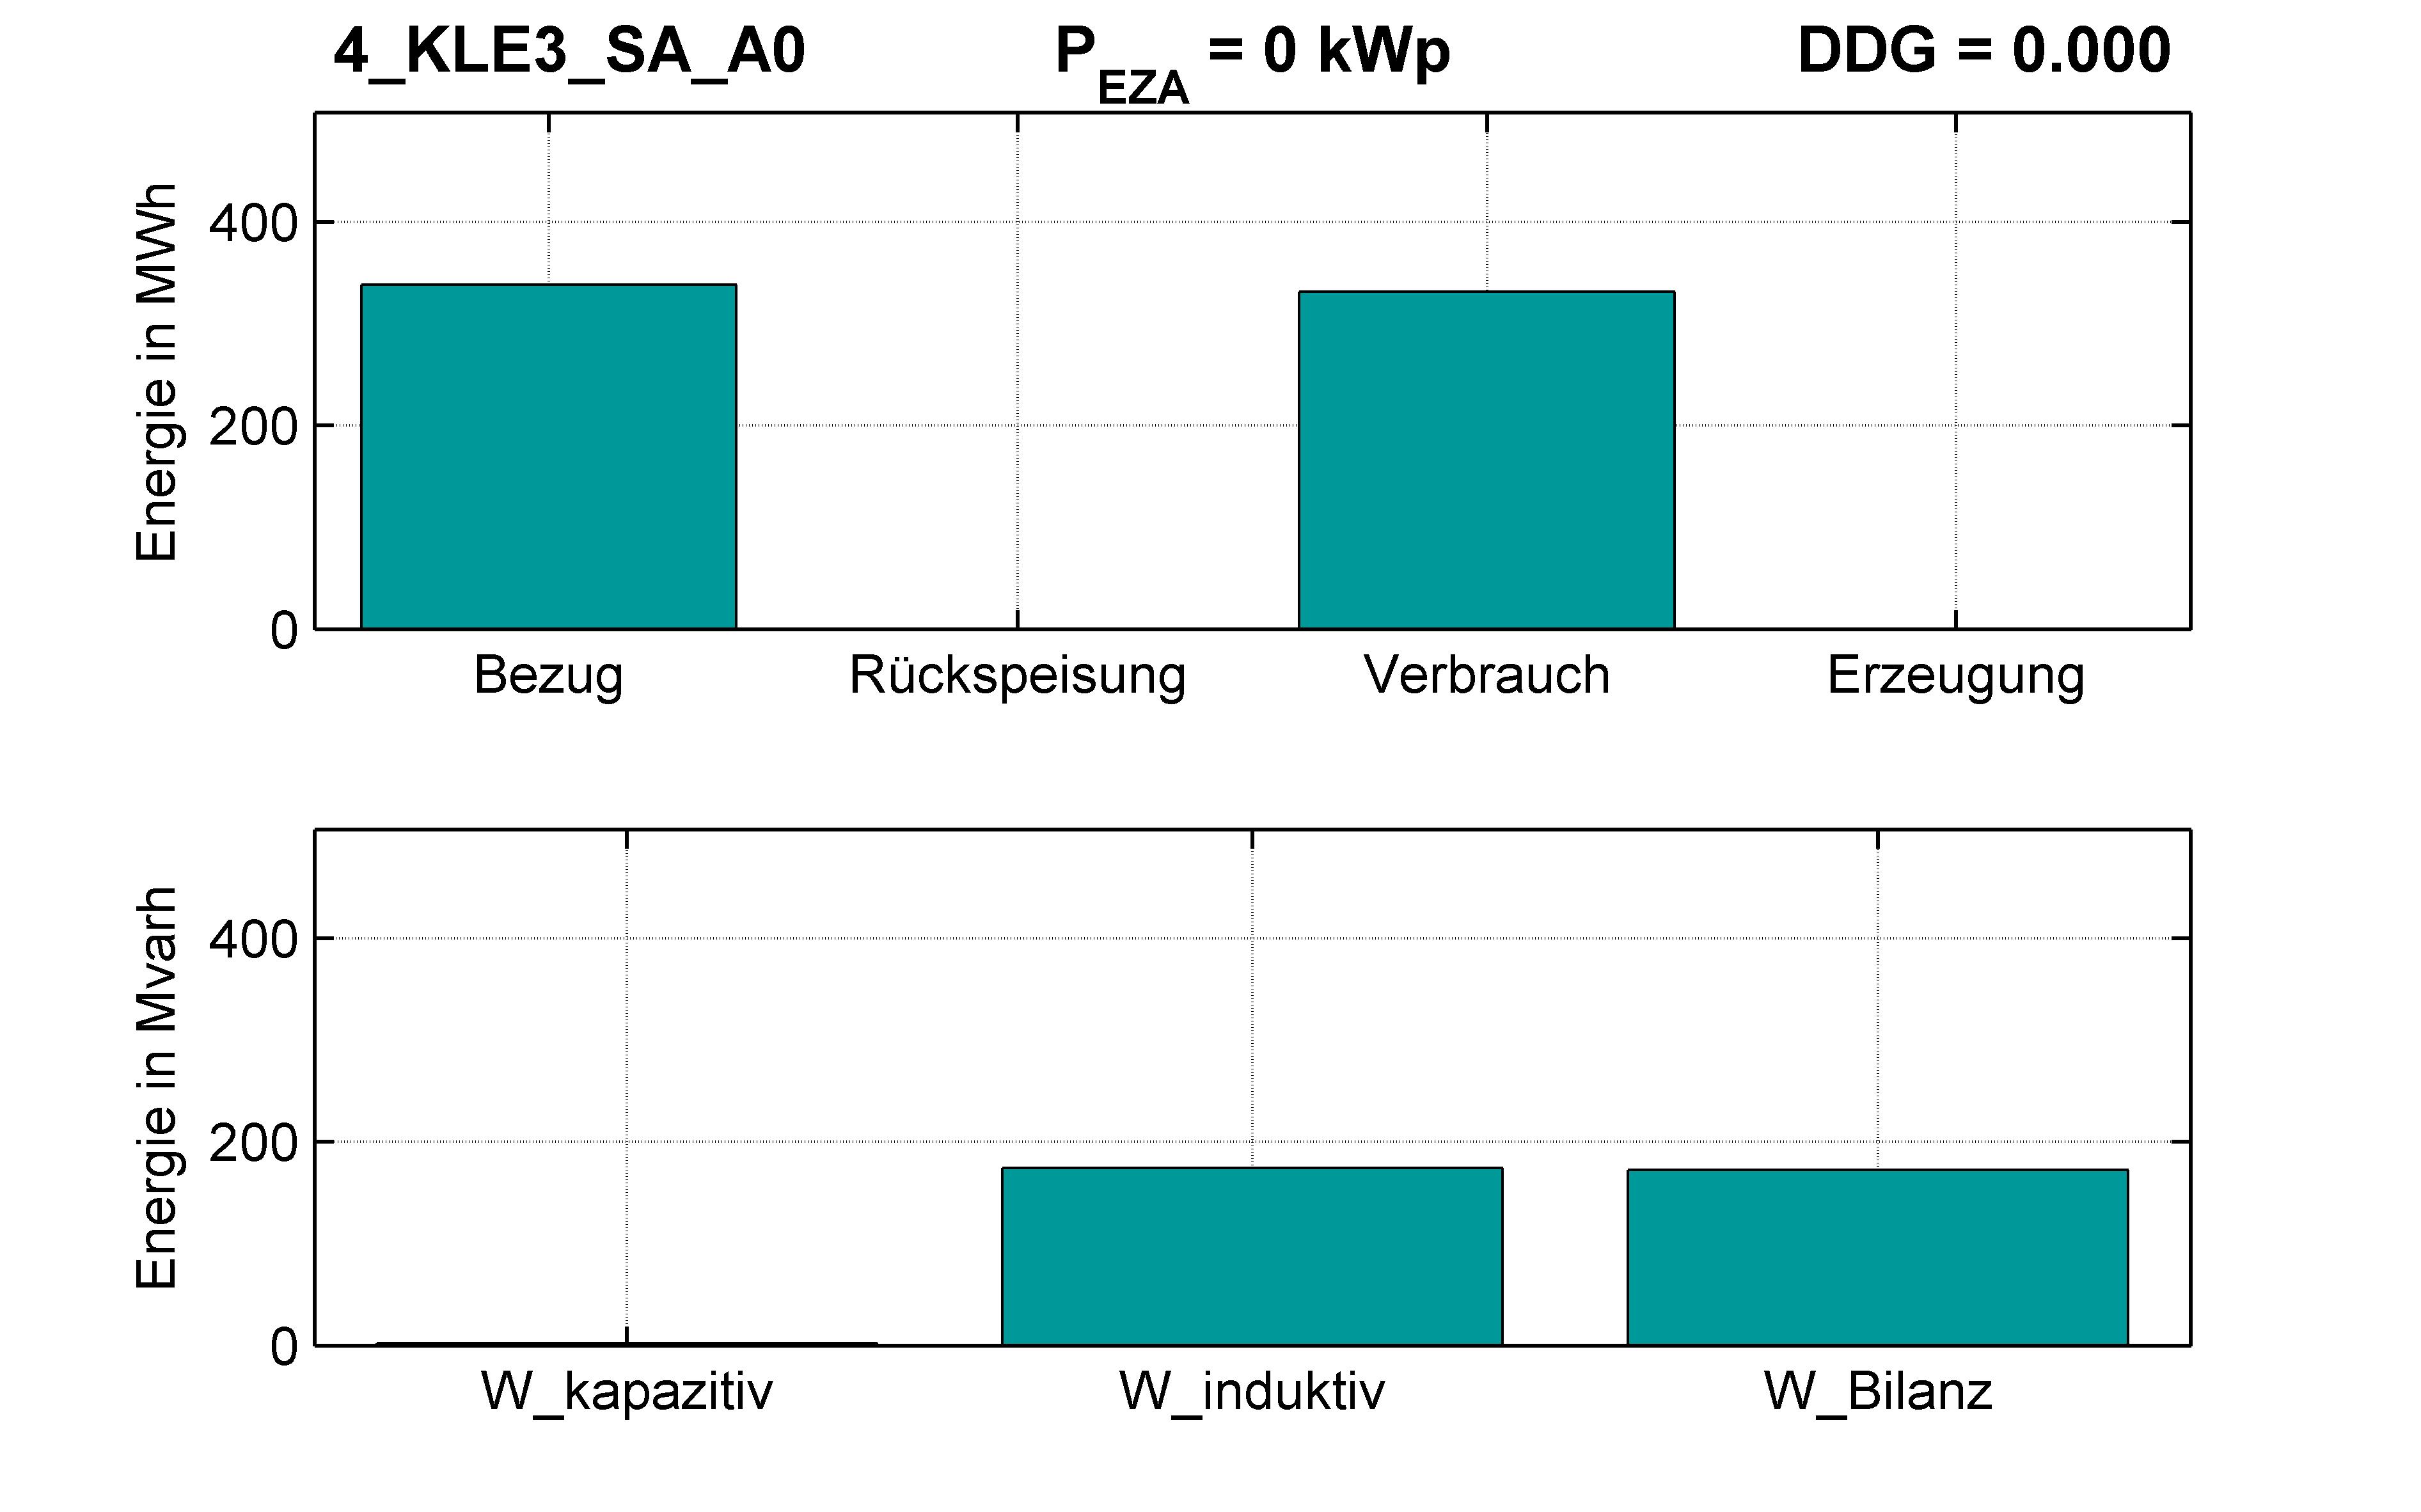 KLE3 | P-Kappung 55% (SA) A0 | PQ-Bilanz